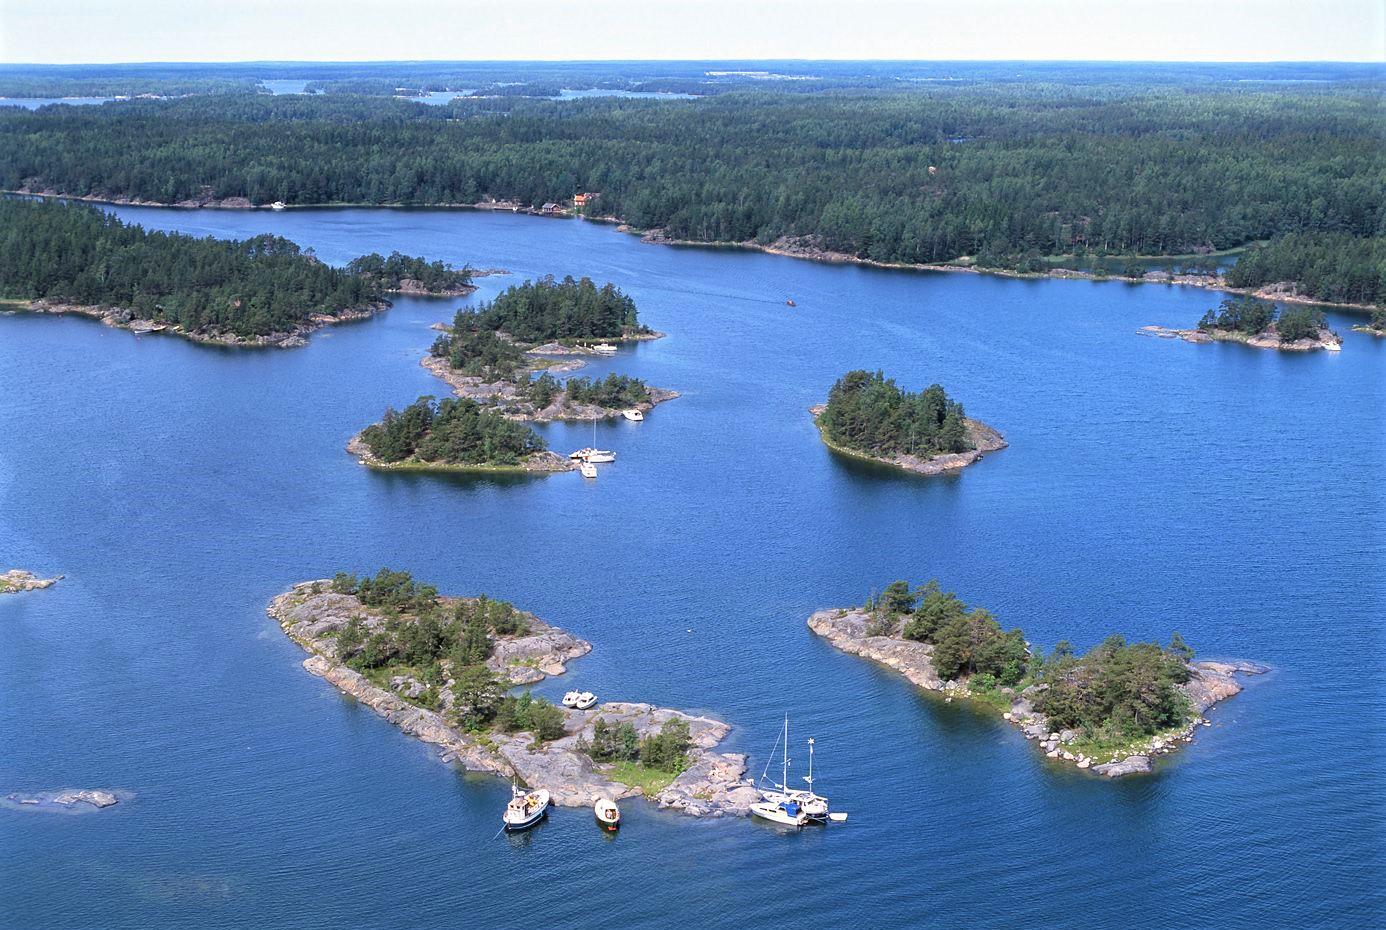 Tammisaaren saariston kansallispuisto copyright discoveringfinland.com